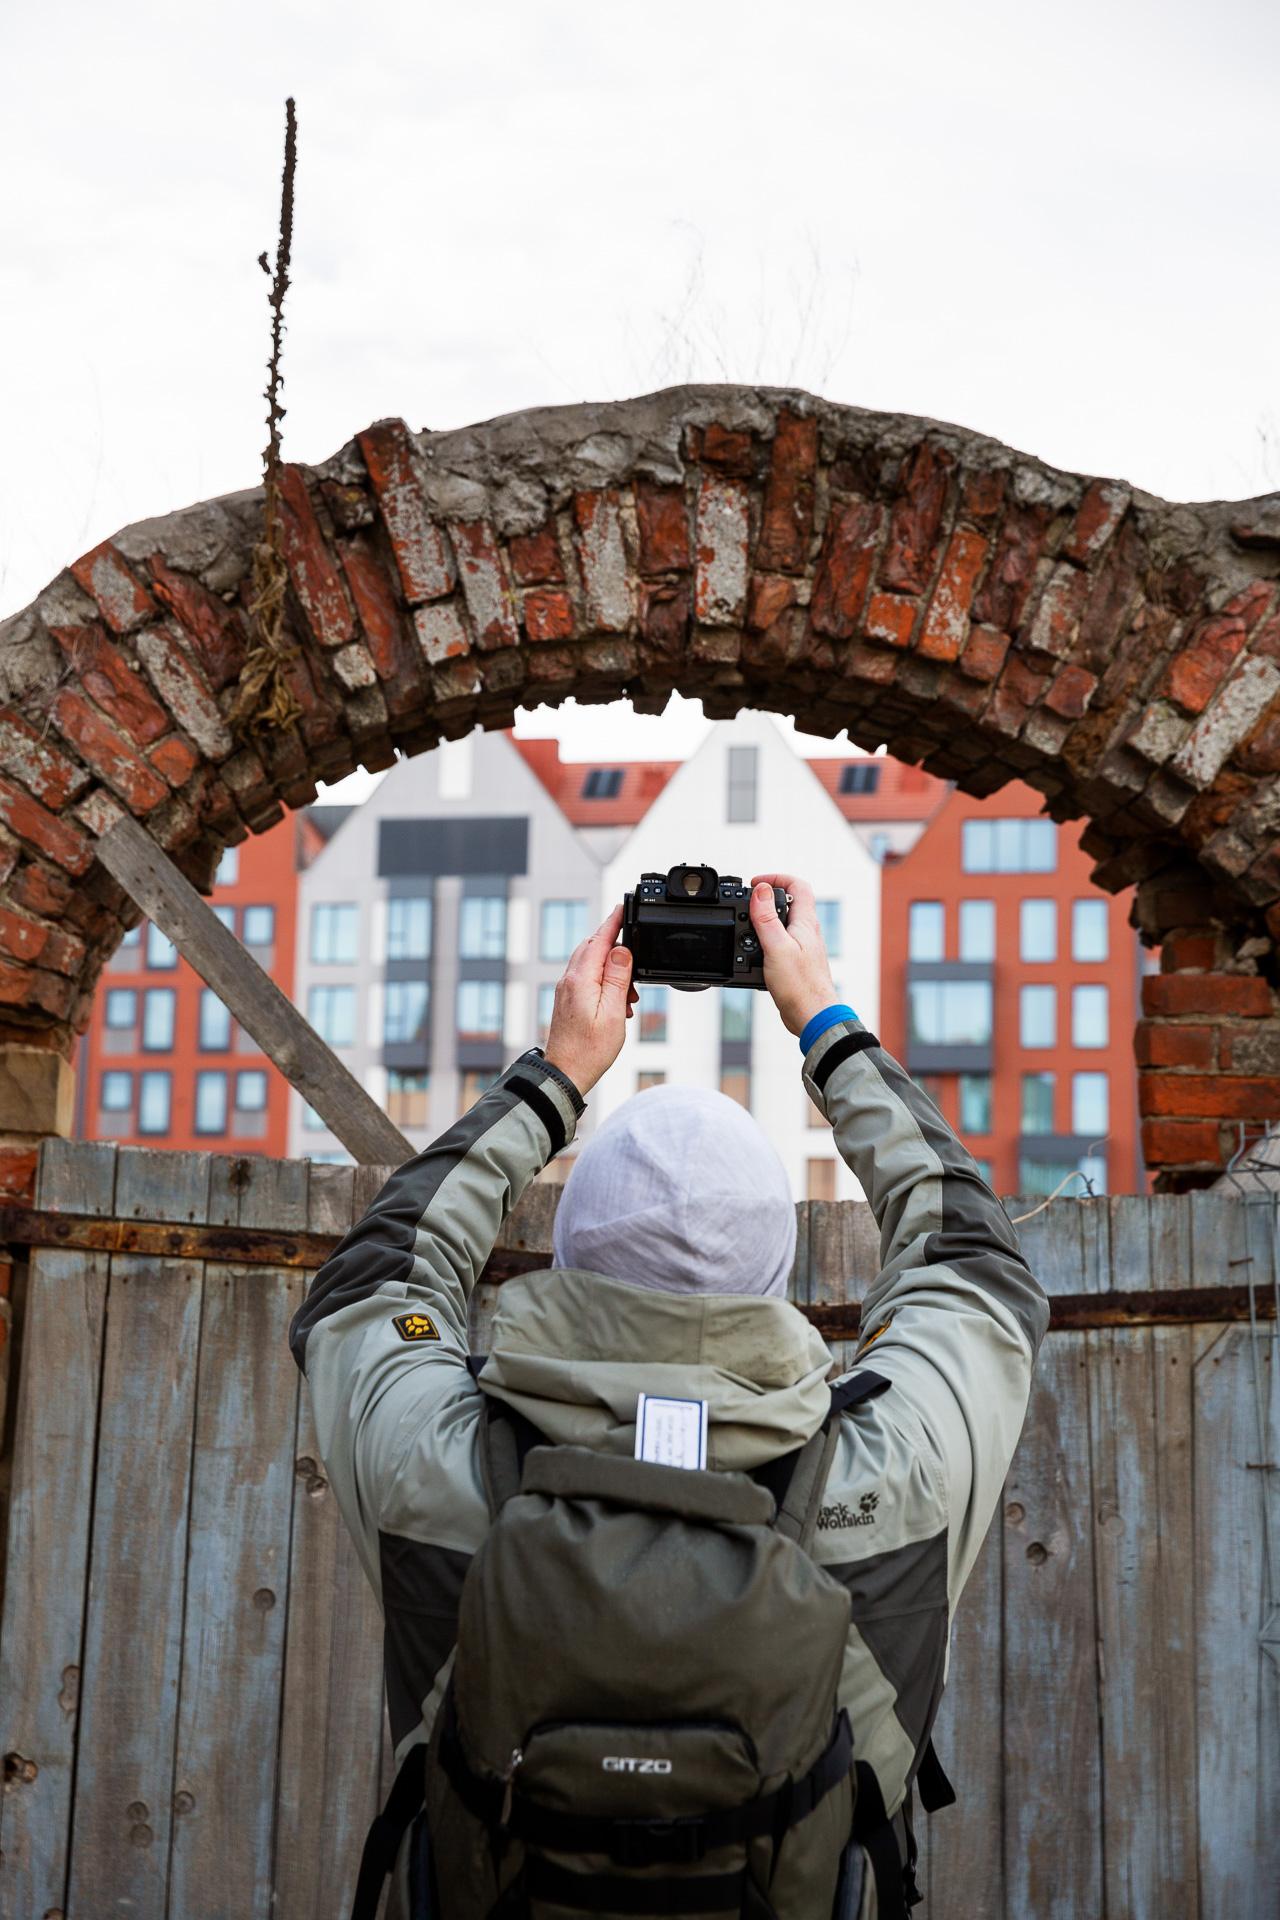 Kreative Blickwinkel im Hafen bei unserer Fotoreise Danzig werden immer in der Gruppe geteilt.